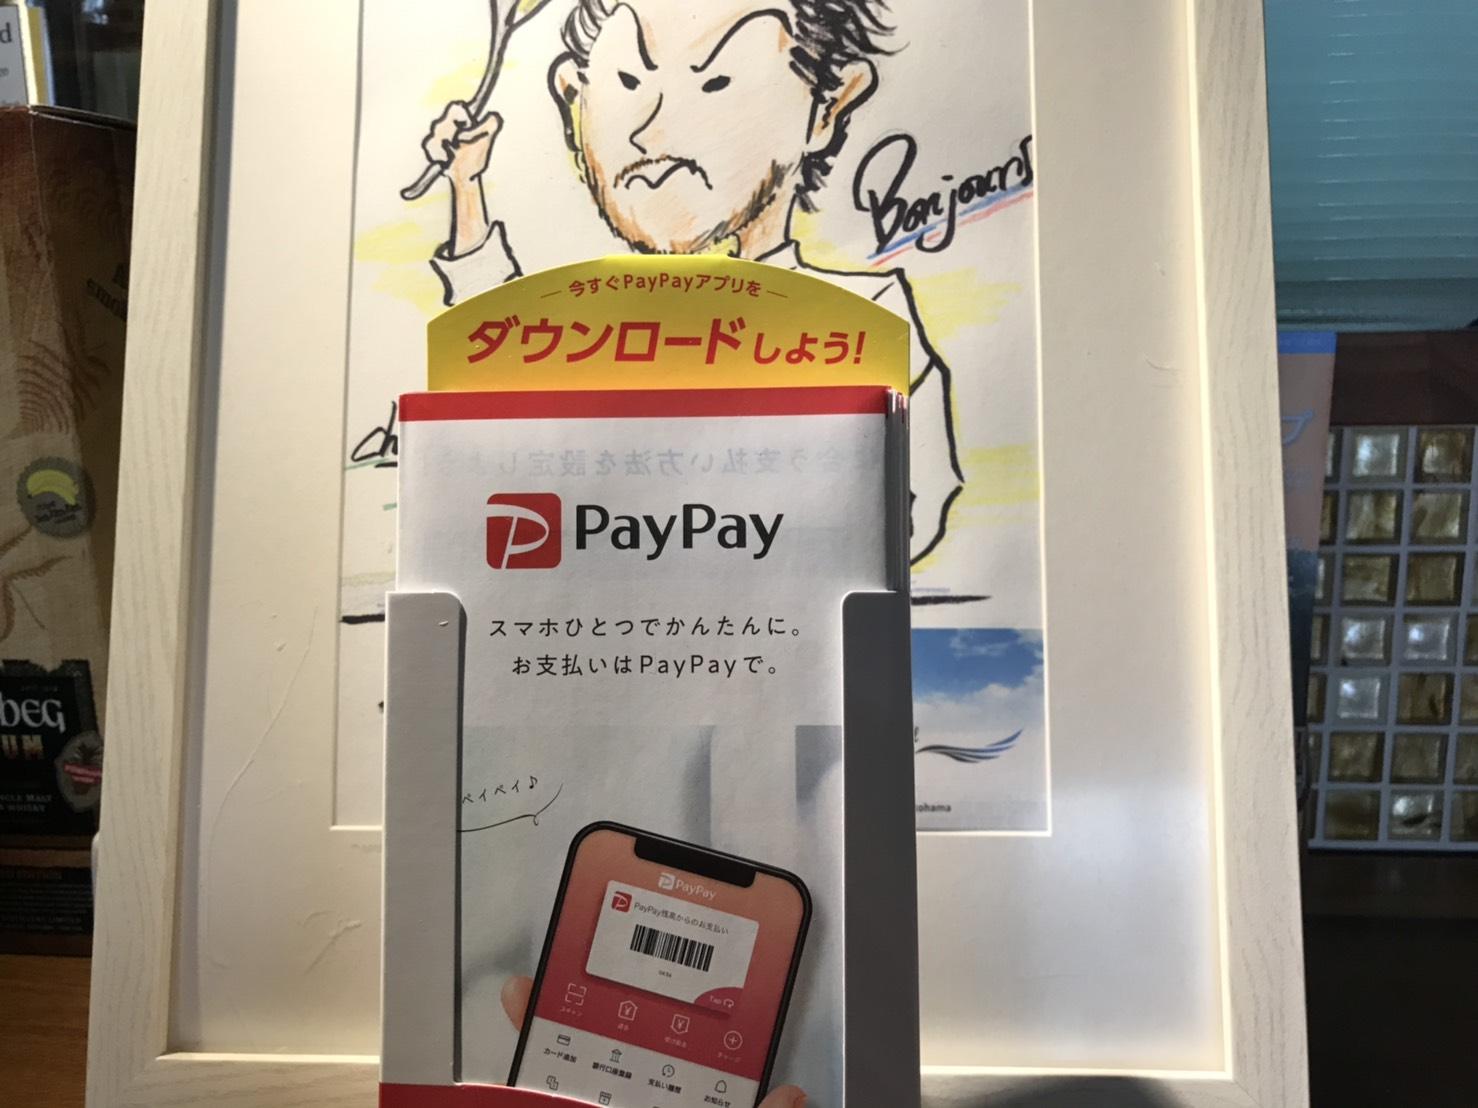 当店もPay Payが使用できるようになりました。